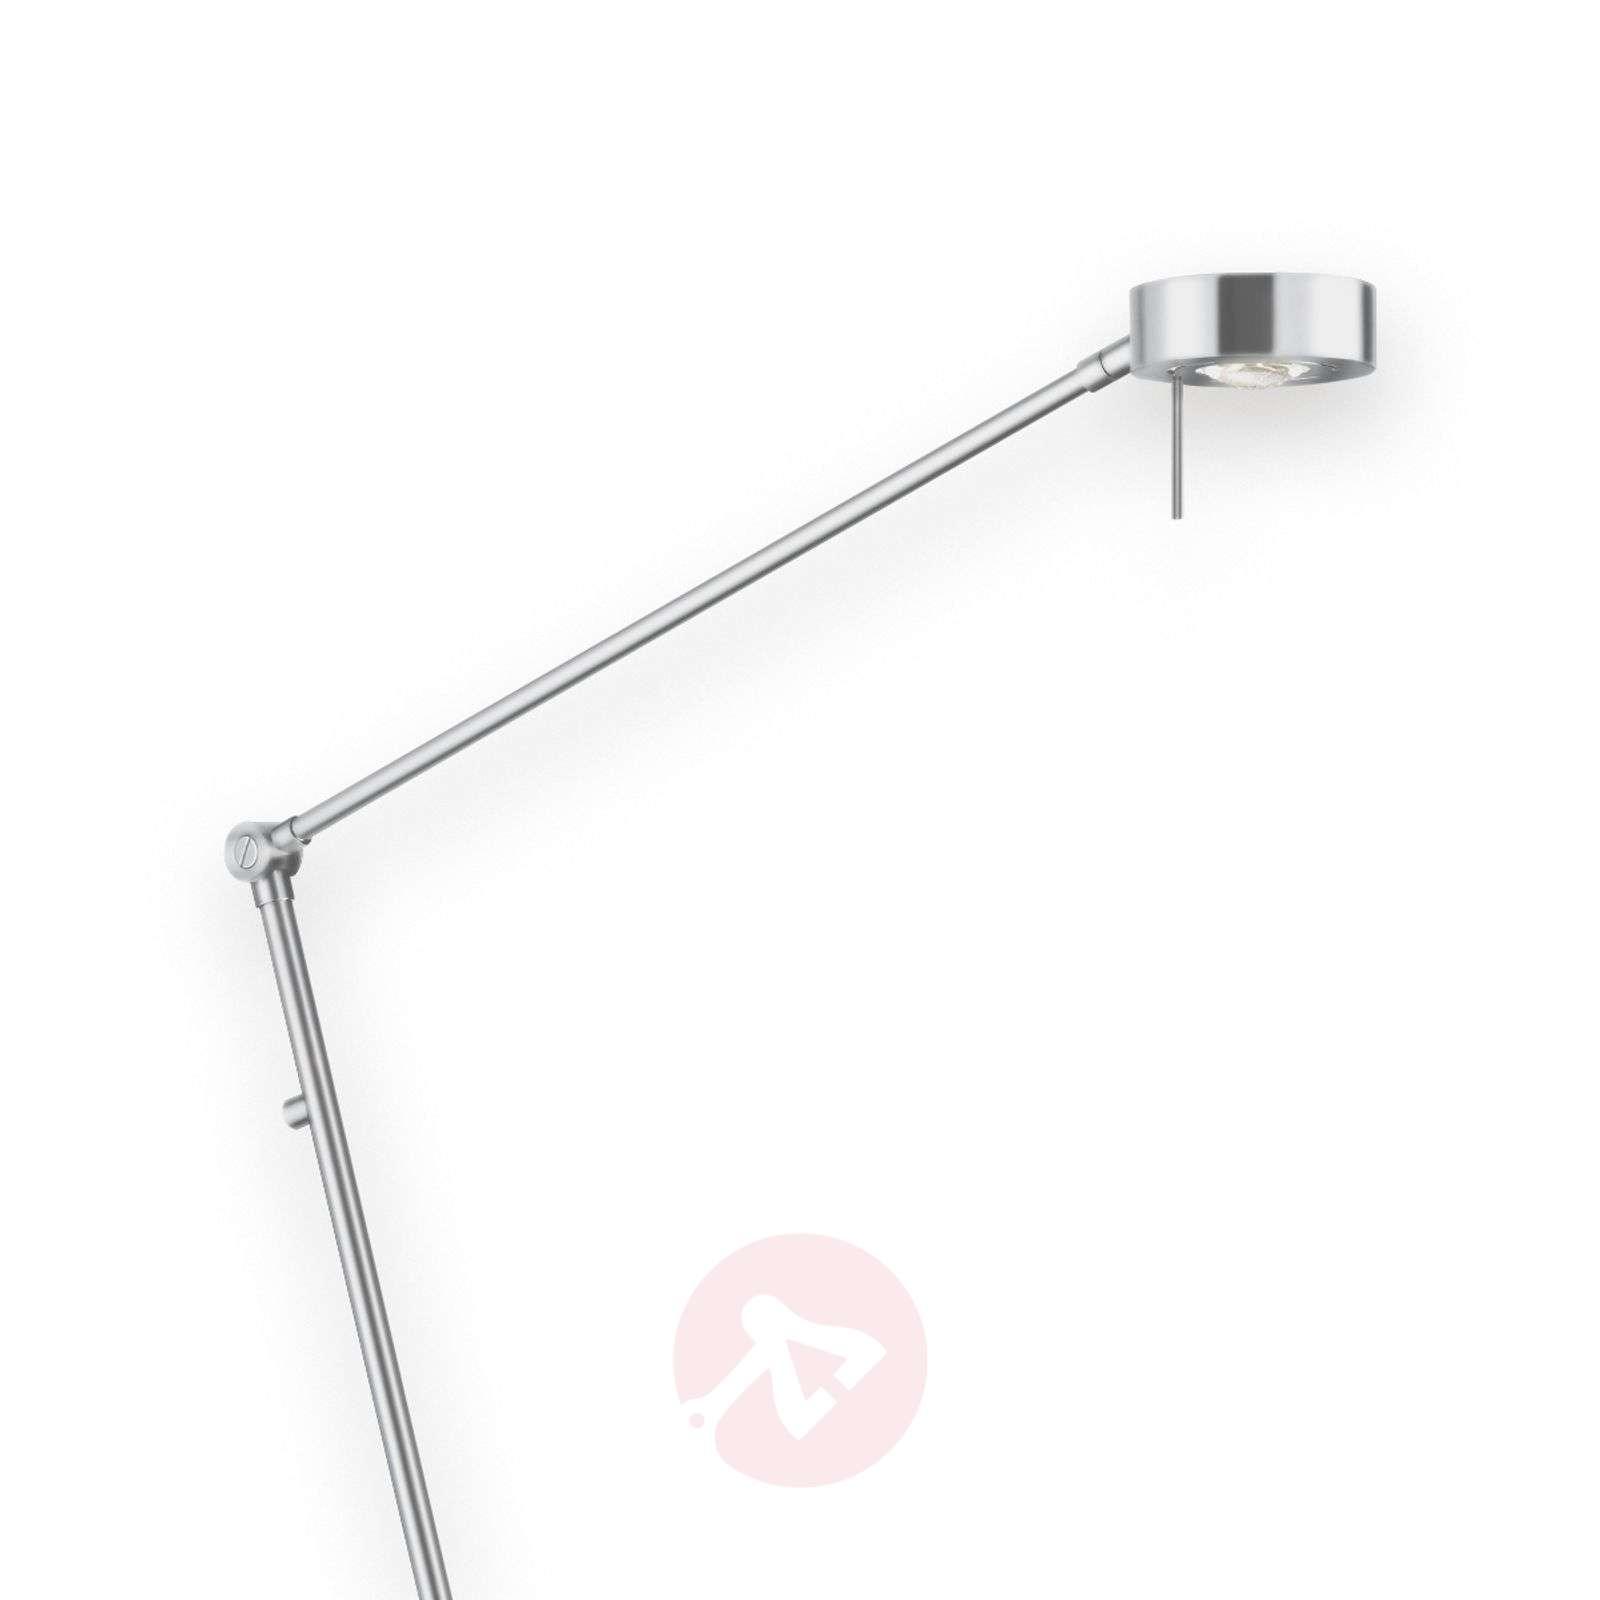 Kapea LED-lattiavalaisin Elegance, 3 niveltä-4002534-02